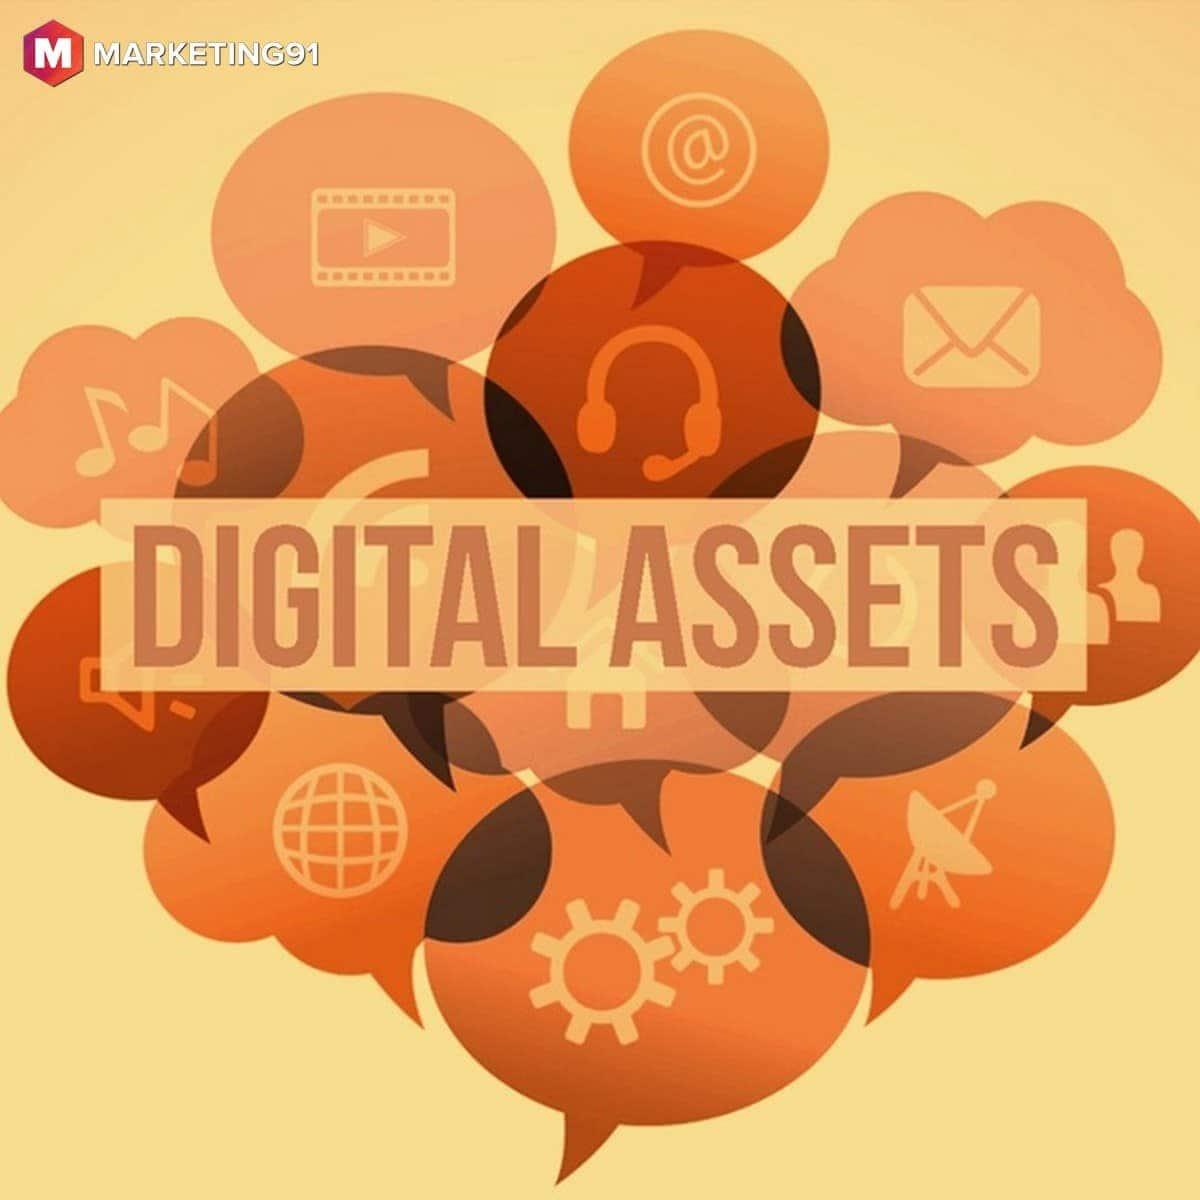 Digital Assets - 1